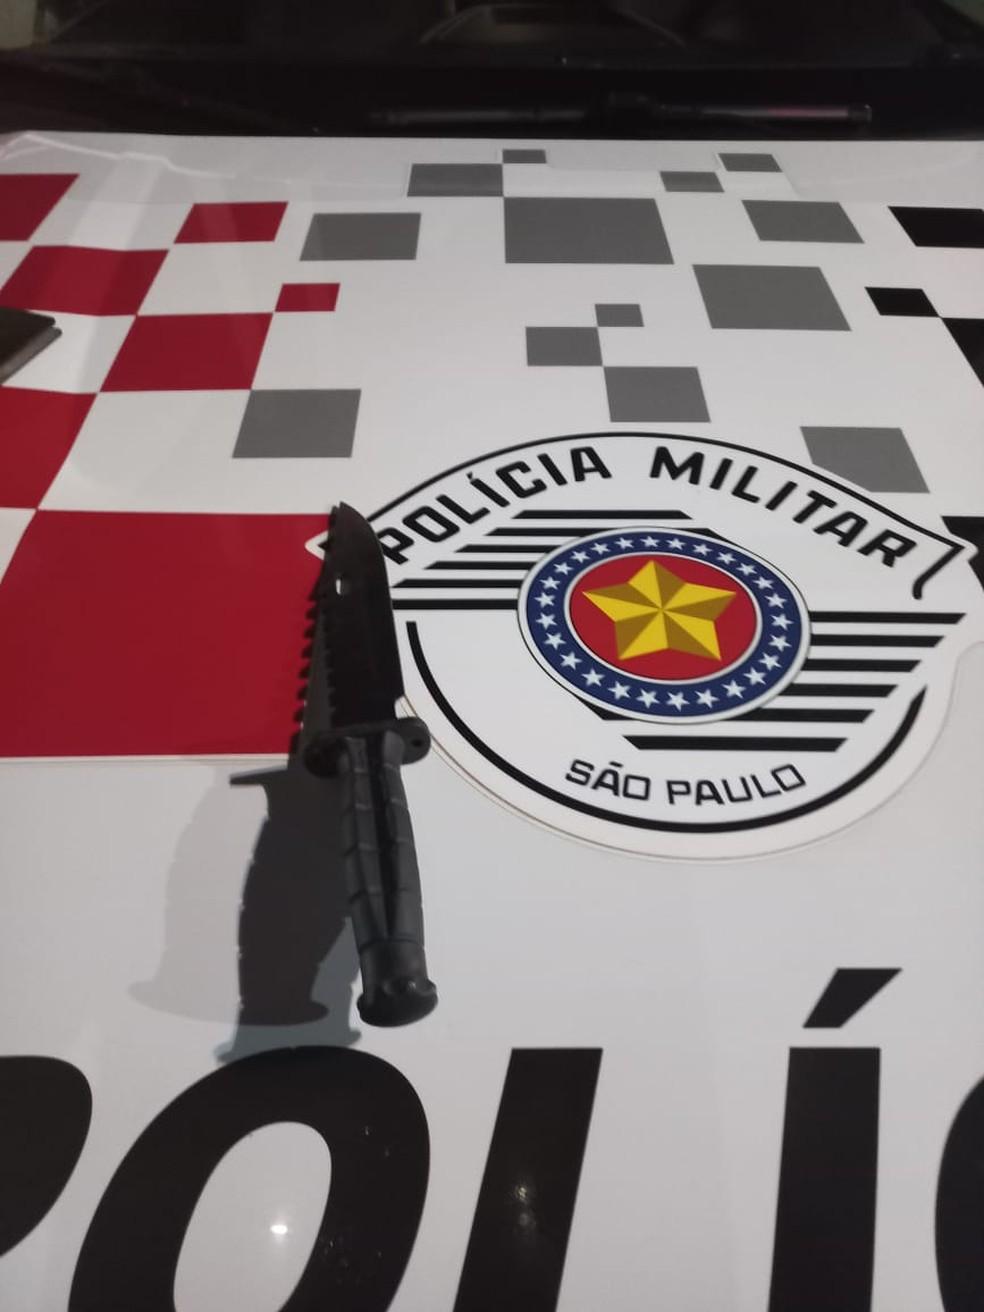 Vítima informou que foi chamada para uma corrida de táxi pelo suspeito e quando já estava no percurso, ele o ameaçou com uma faca — Foto: Polícia Militar/ Divulgação